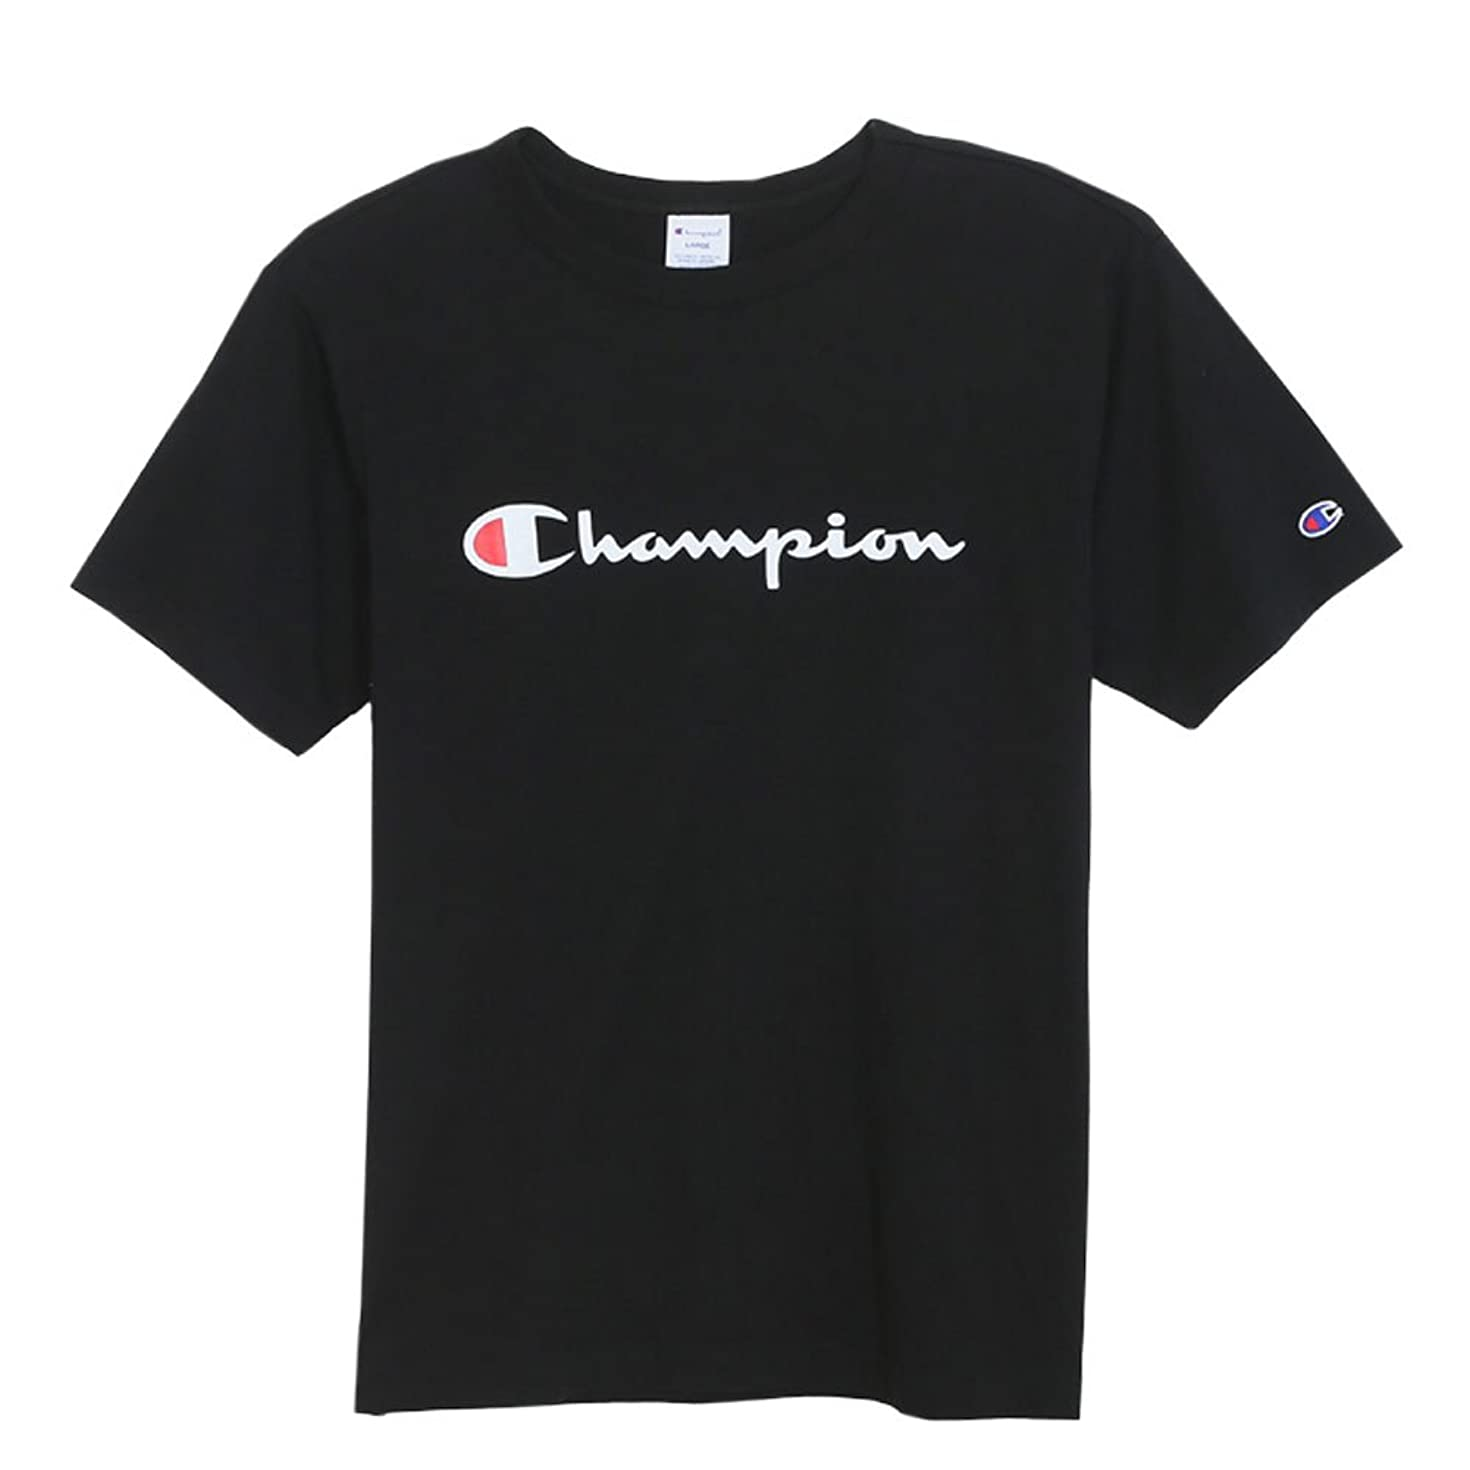 旋回議論する怖がって死ぬ(チャンピオン) Champion メンズ 半袖 Tシャツ 2019SS ベーシックスタイル C3-P302 Black ブラック